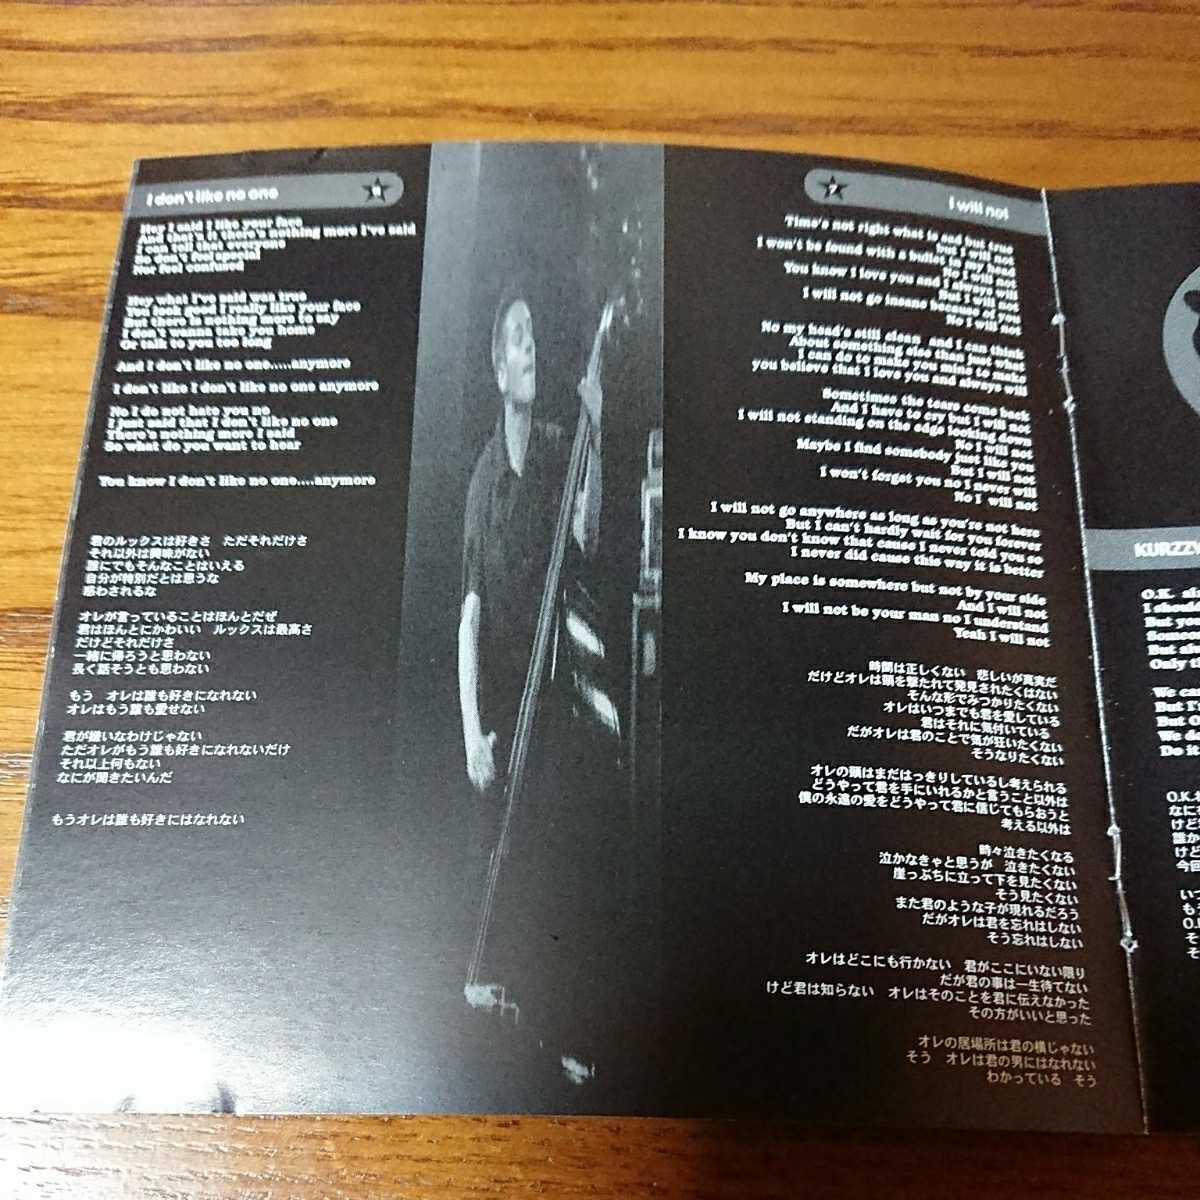 THE-PEACOCKSザ・ピーコックスCD/ロカビリー・ネオロカビリー・サイコビリー・ジャズ・パンクロック・ロックンロール_画像10